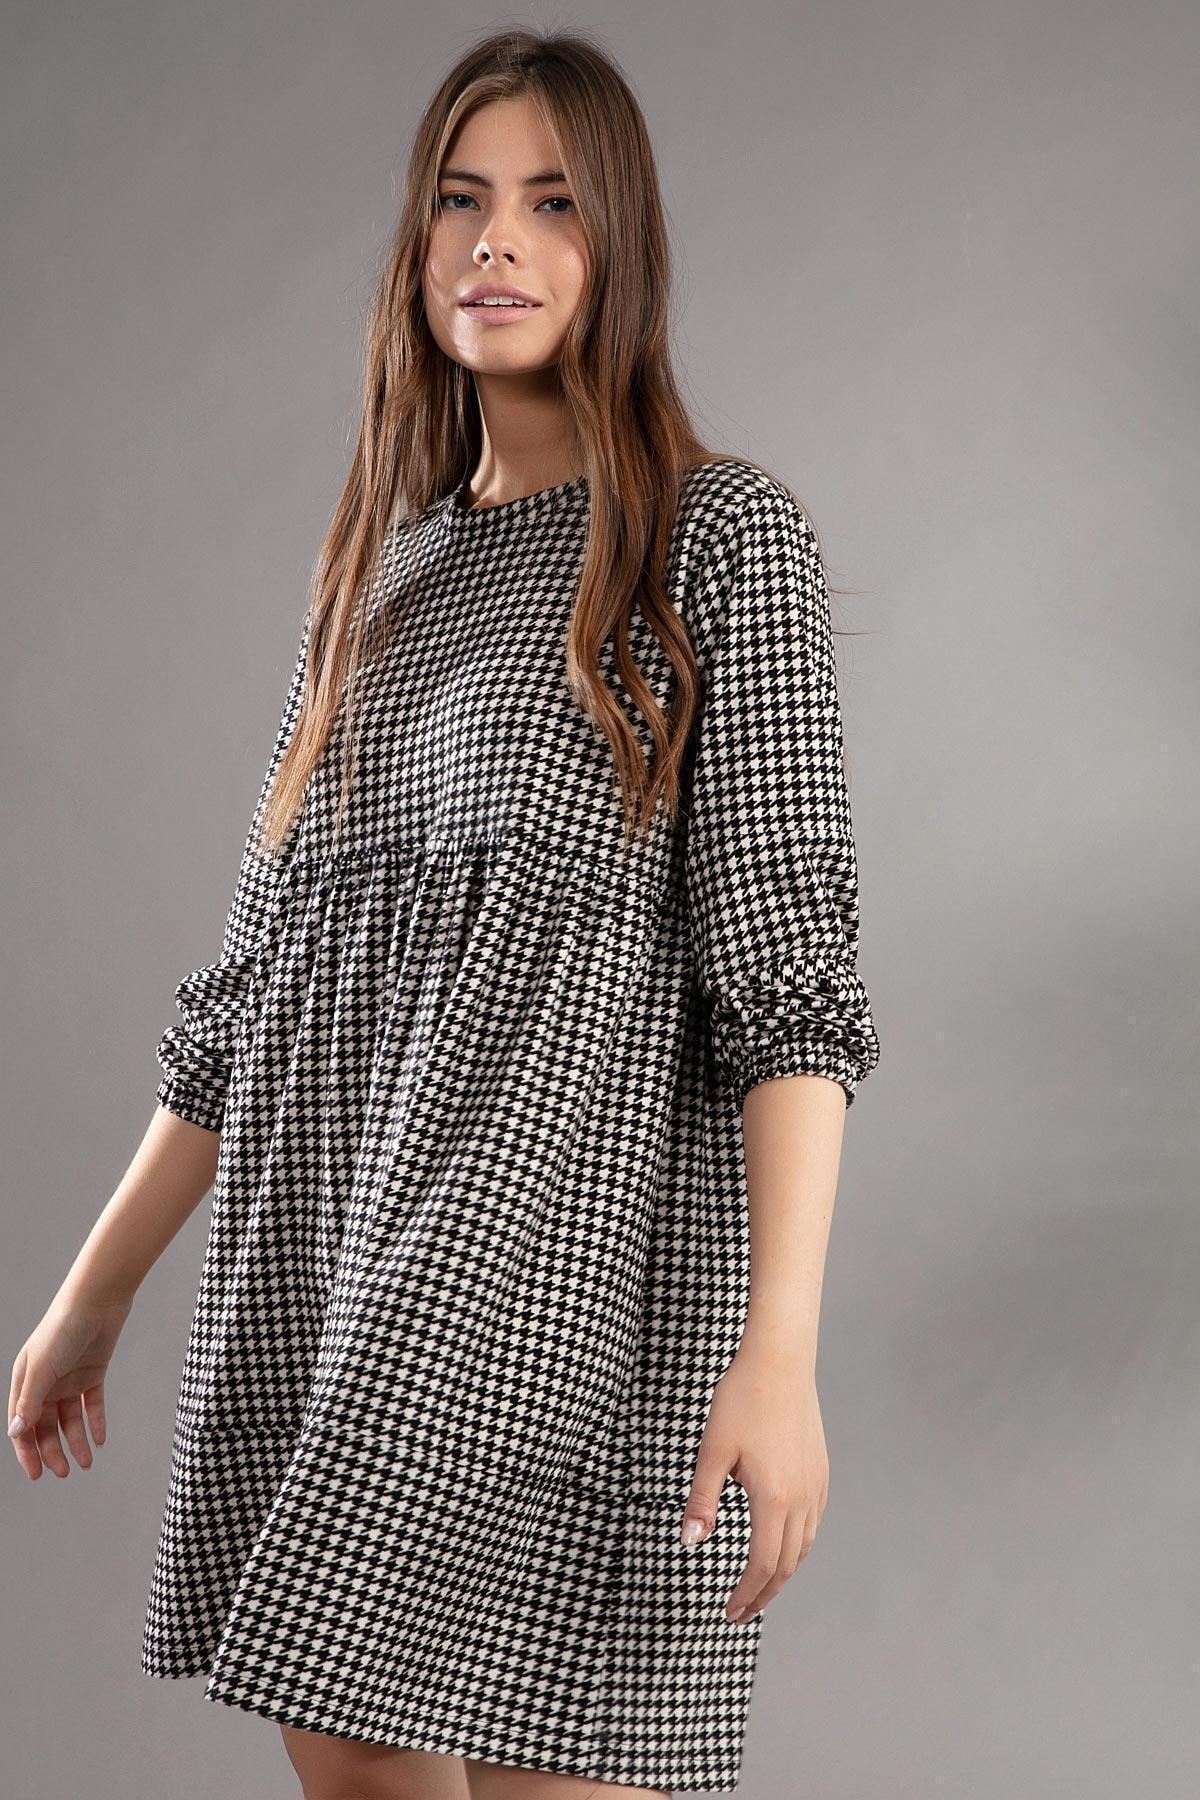 Pattaya Kadın Kazayağı Desenli Günlük Elbise Y20w110-2113 2